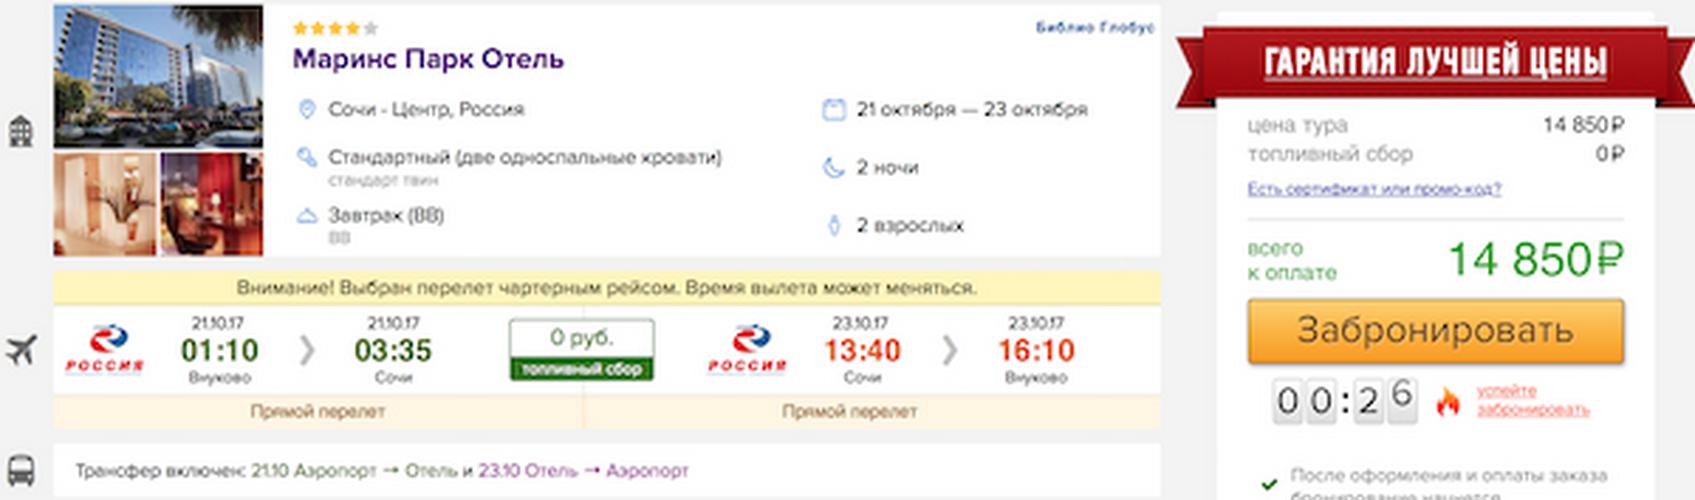 В Сочи на выходные от 5 600 рублей